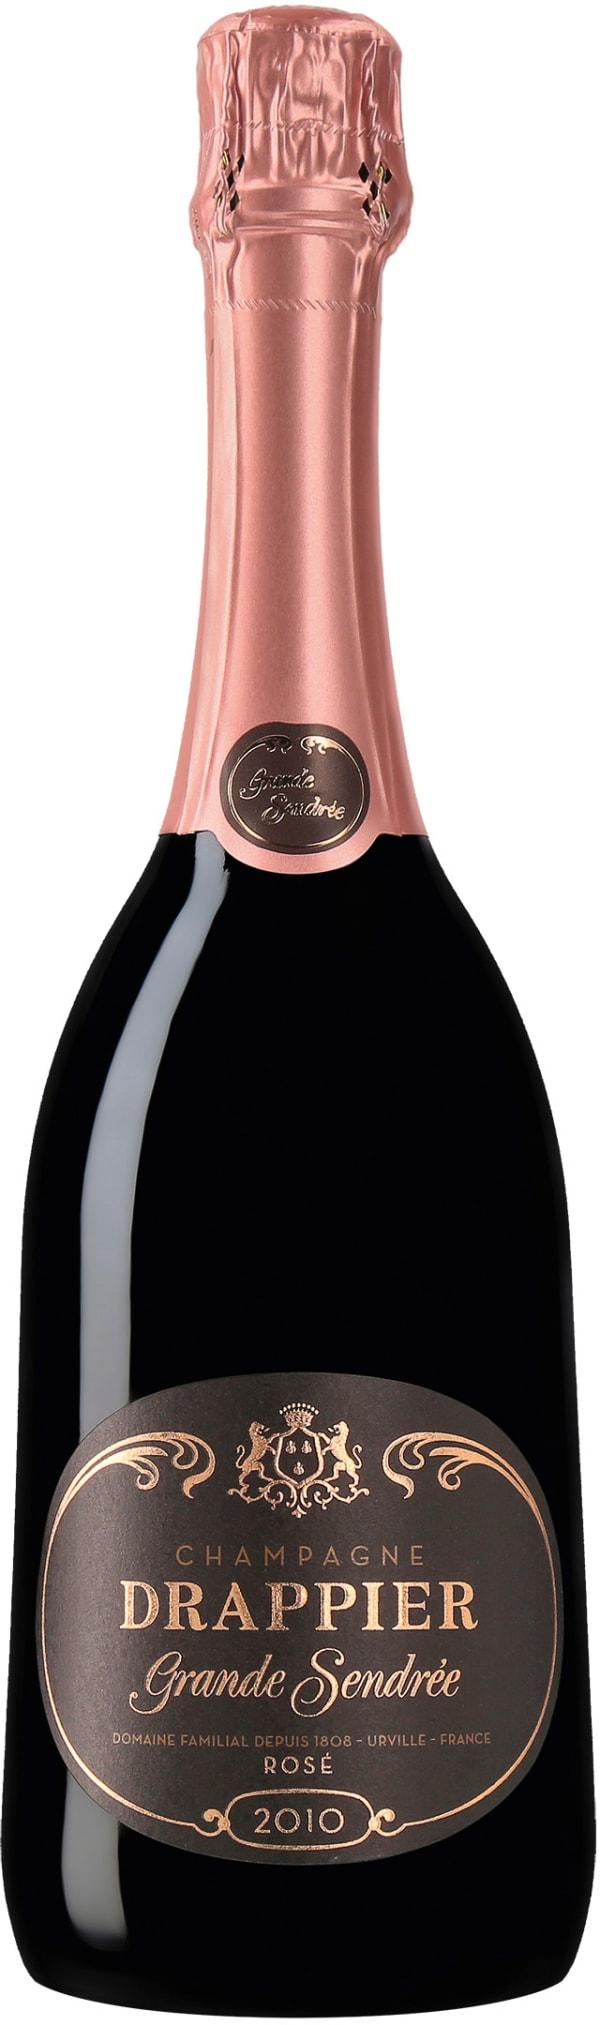 Drappier Grande Sendrée Rosé Champagne Brut 2008